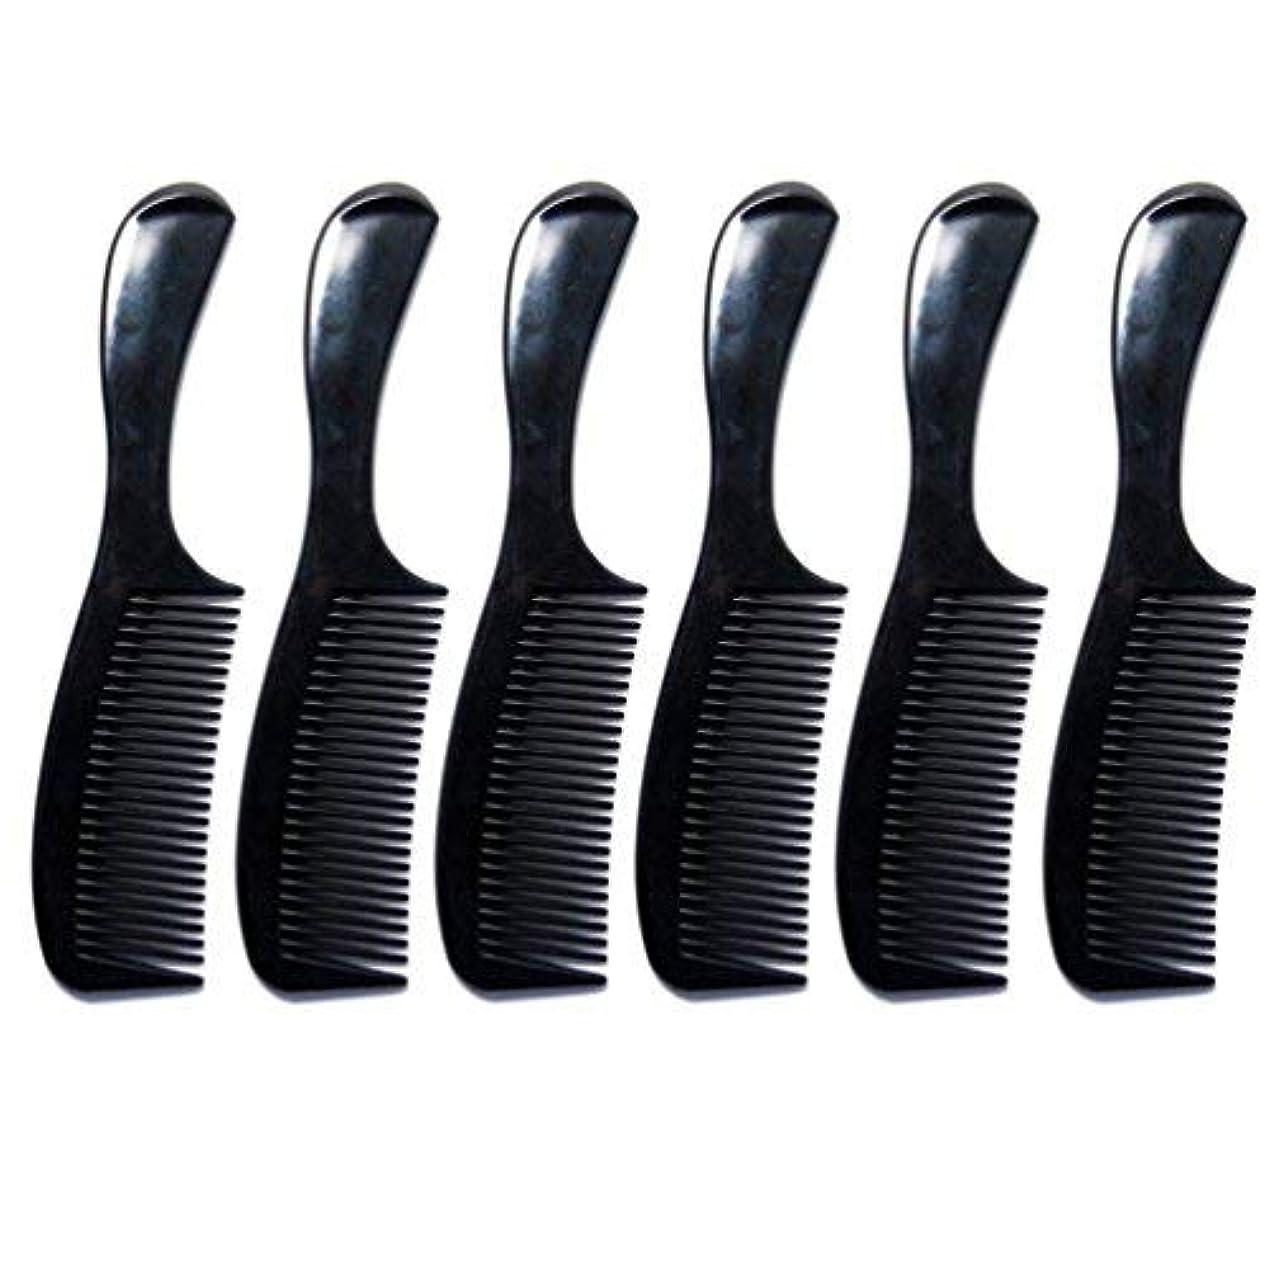 適応する小康バストLuxxii - (6 Pack) 8 inch Black Styling Essentials Round Handle Comb Pocket [並行輸入品]